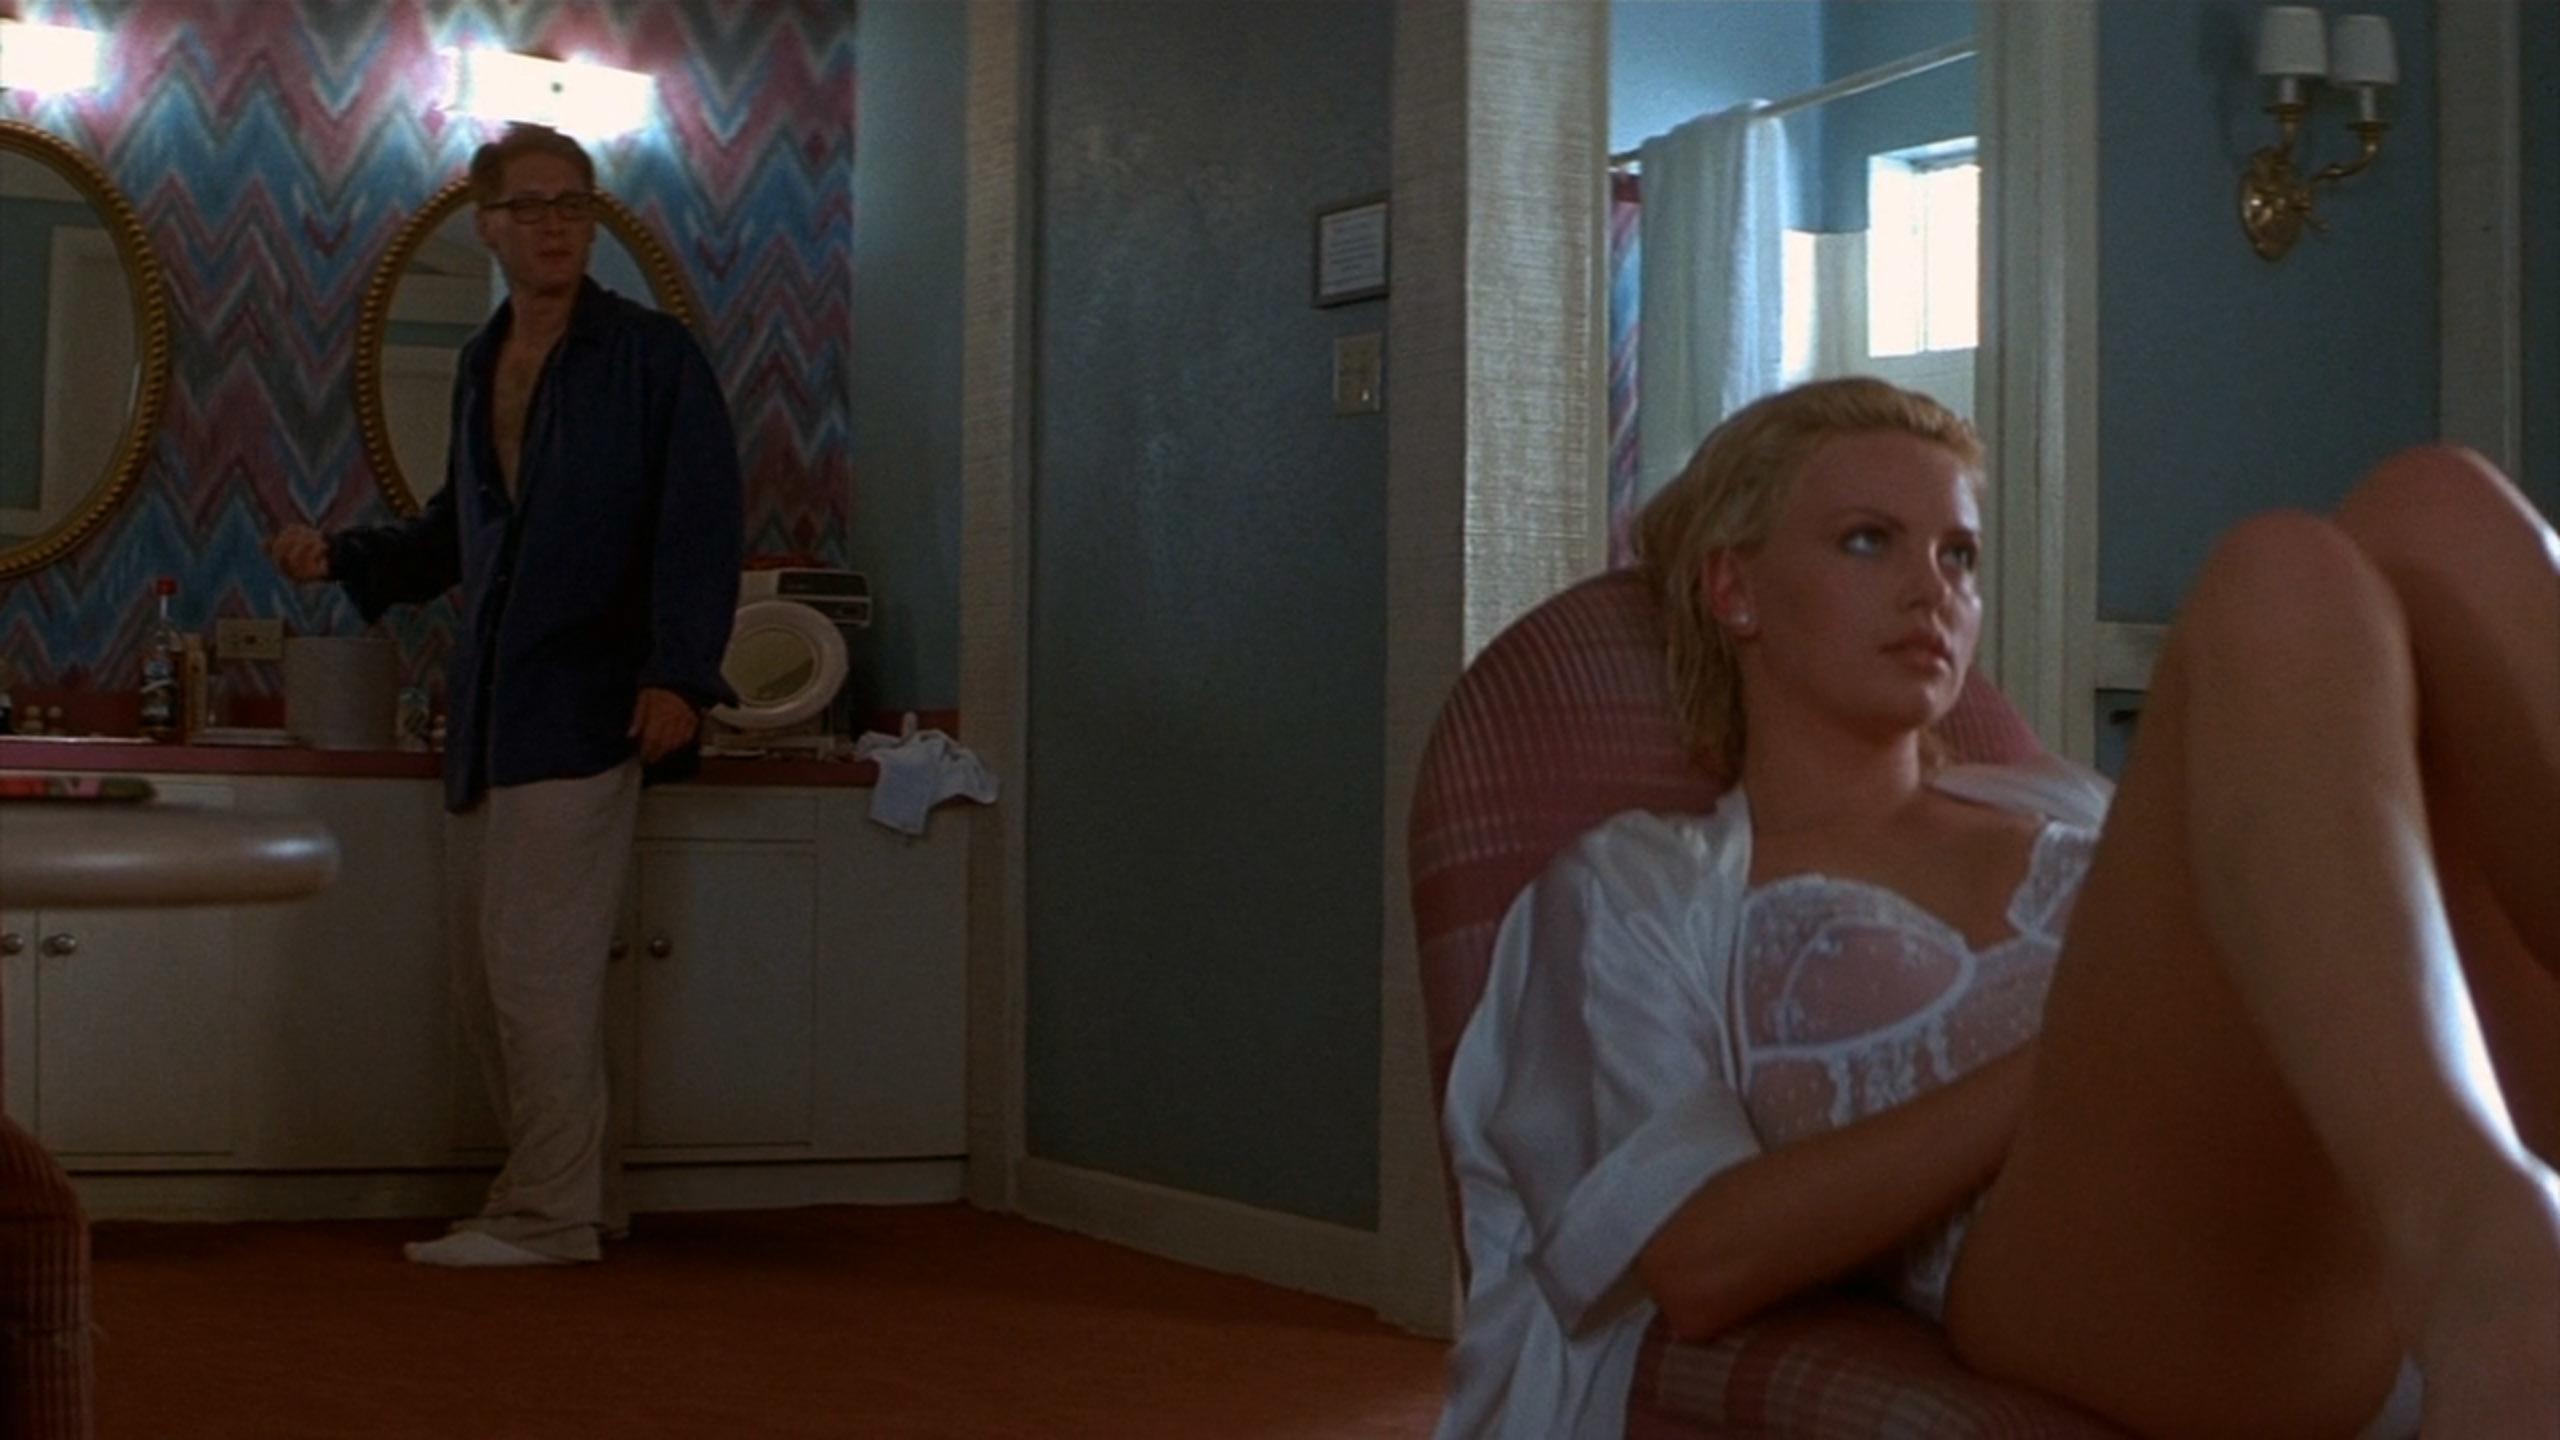 シャーリーズ・セロン(Charlize Theron)「2 days トゥー・デイズ」(1996)・・・其の弐_e0042361_20453118.jpg